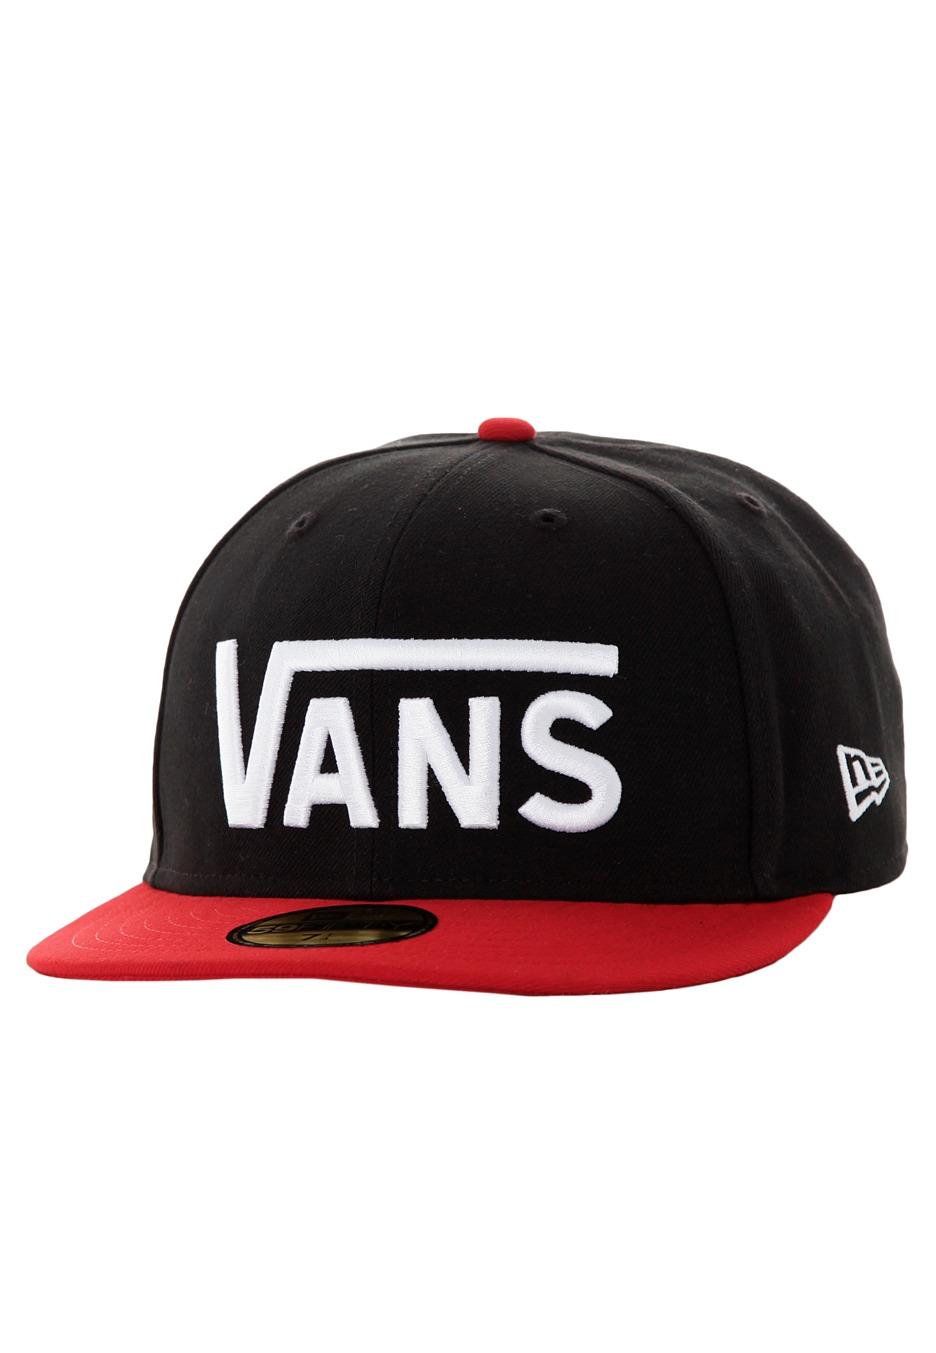 Vans - Drop V New Era Black Reinvent Red - Cap - Impericon.com UK e7ce1fec1d5